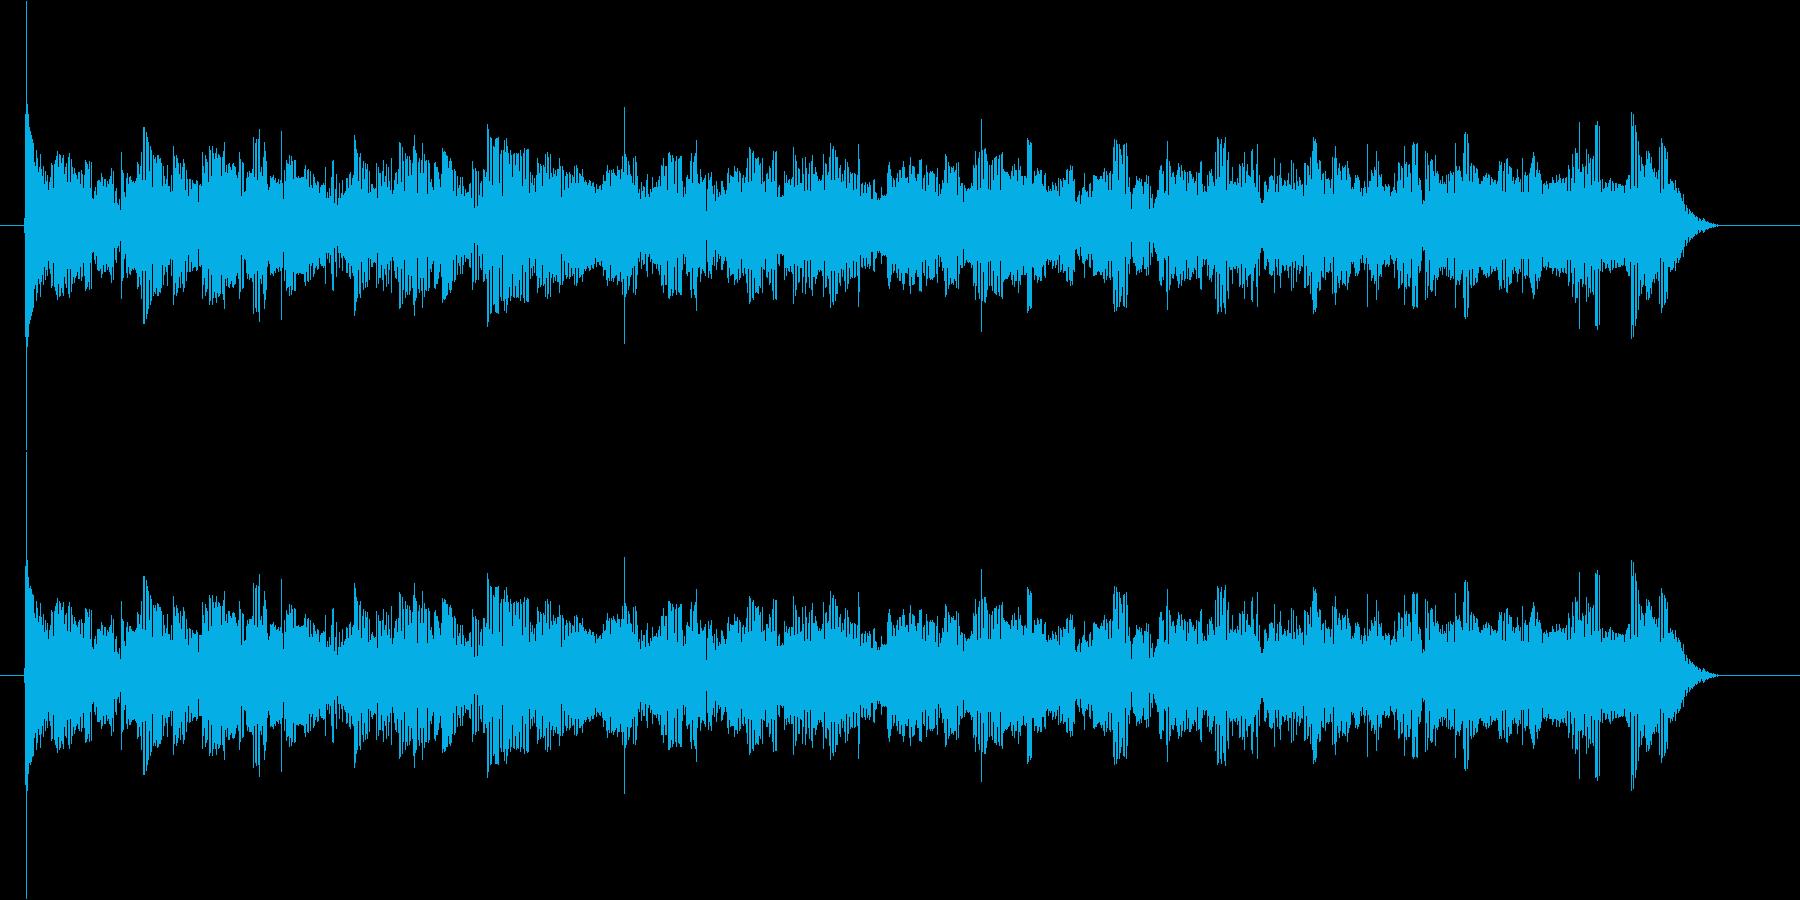 ボワボワ・・(不気味な宇宙人の会話)の再生済みの波形